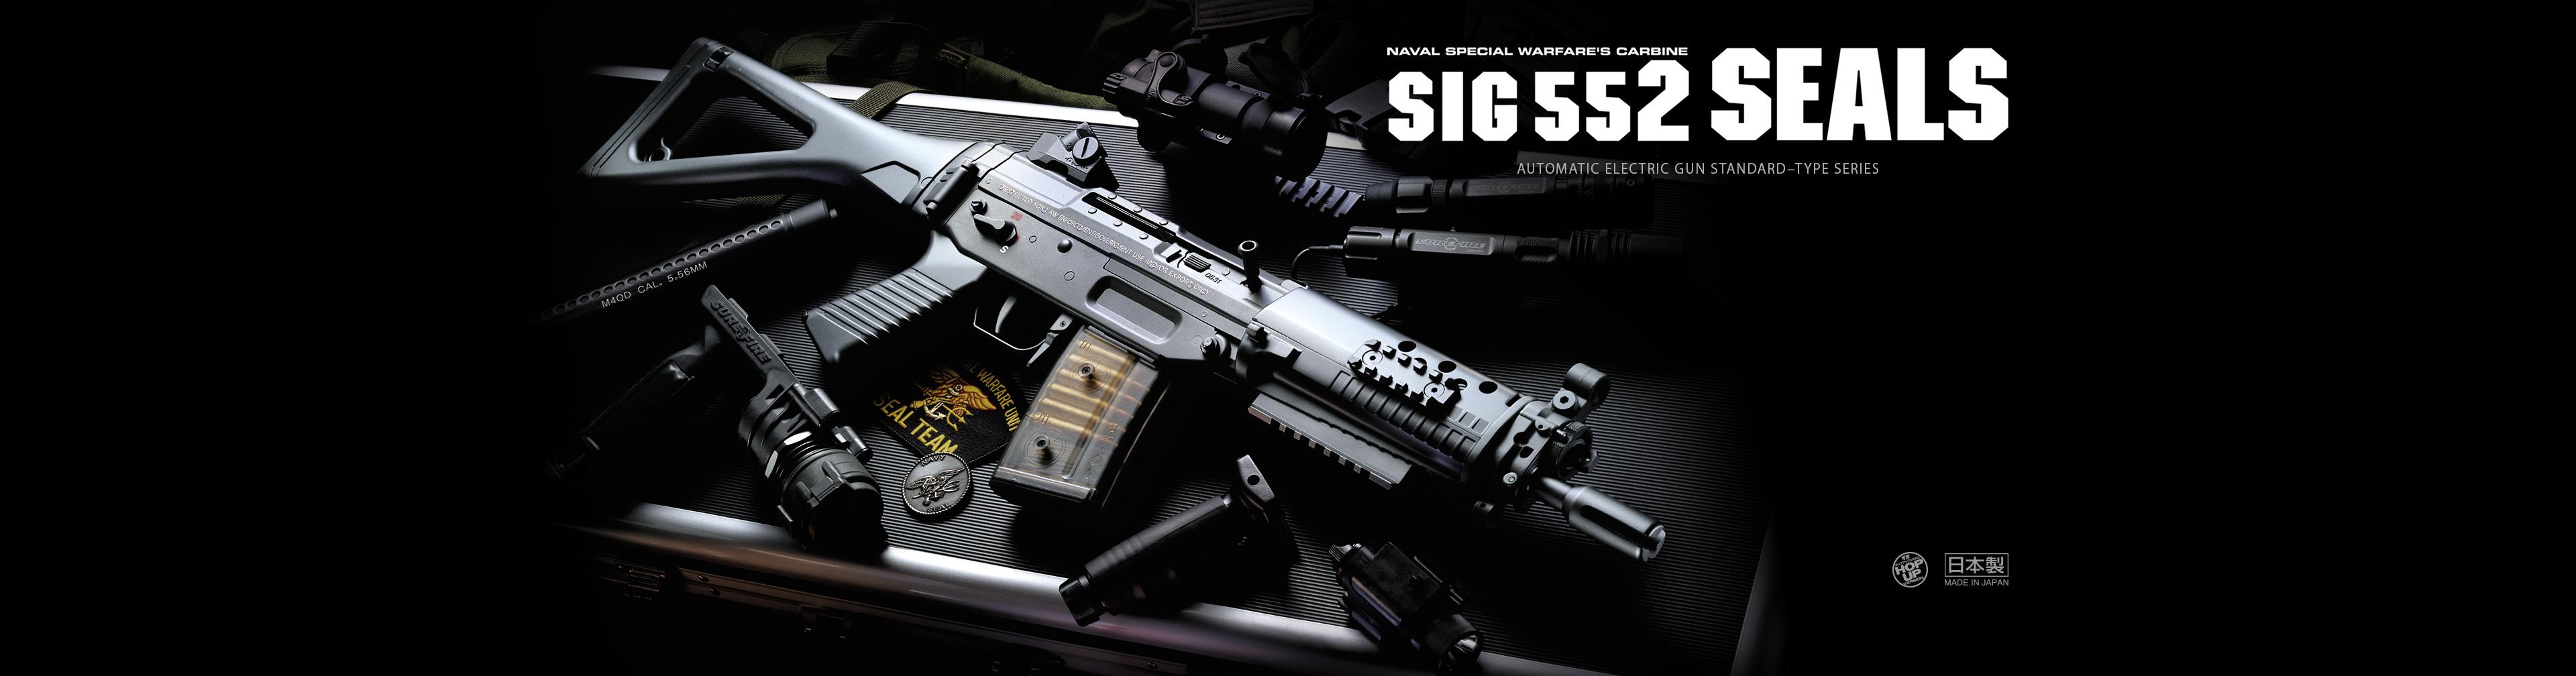 SIG552 シールズ